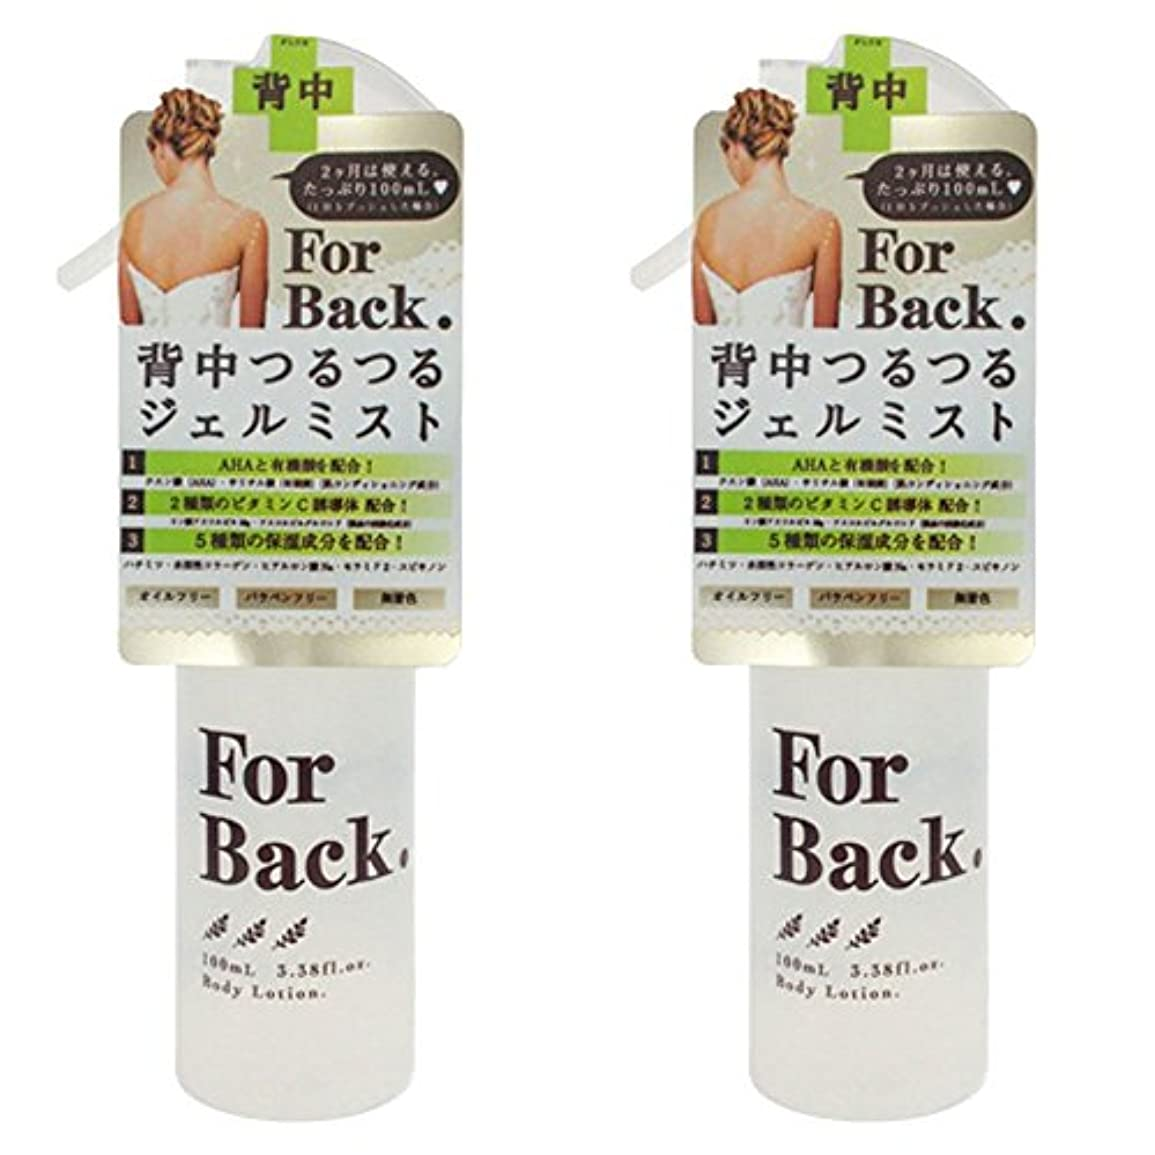 花嫁正直取り扱い【セット品】ForBack ジェルミスト 100ml ×2個